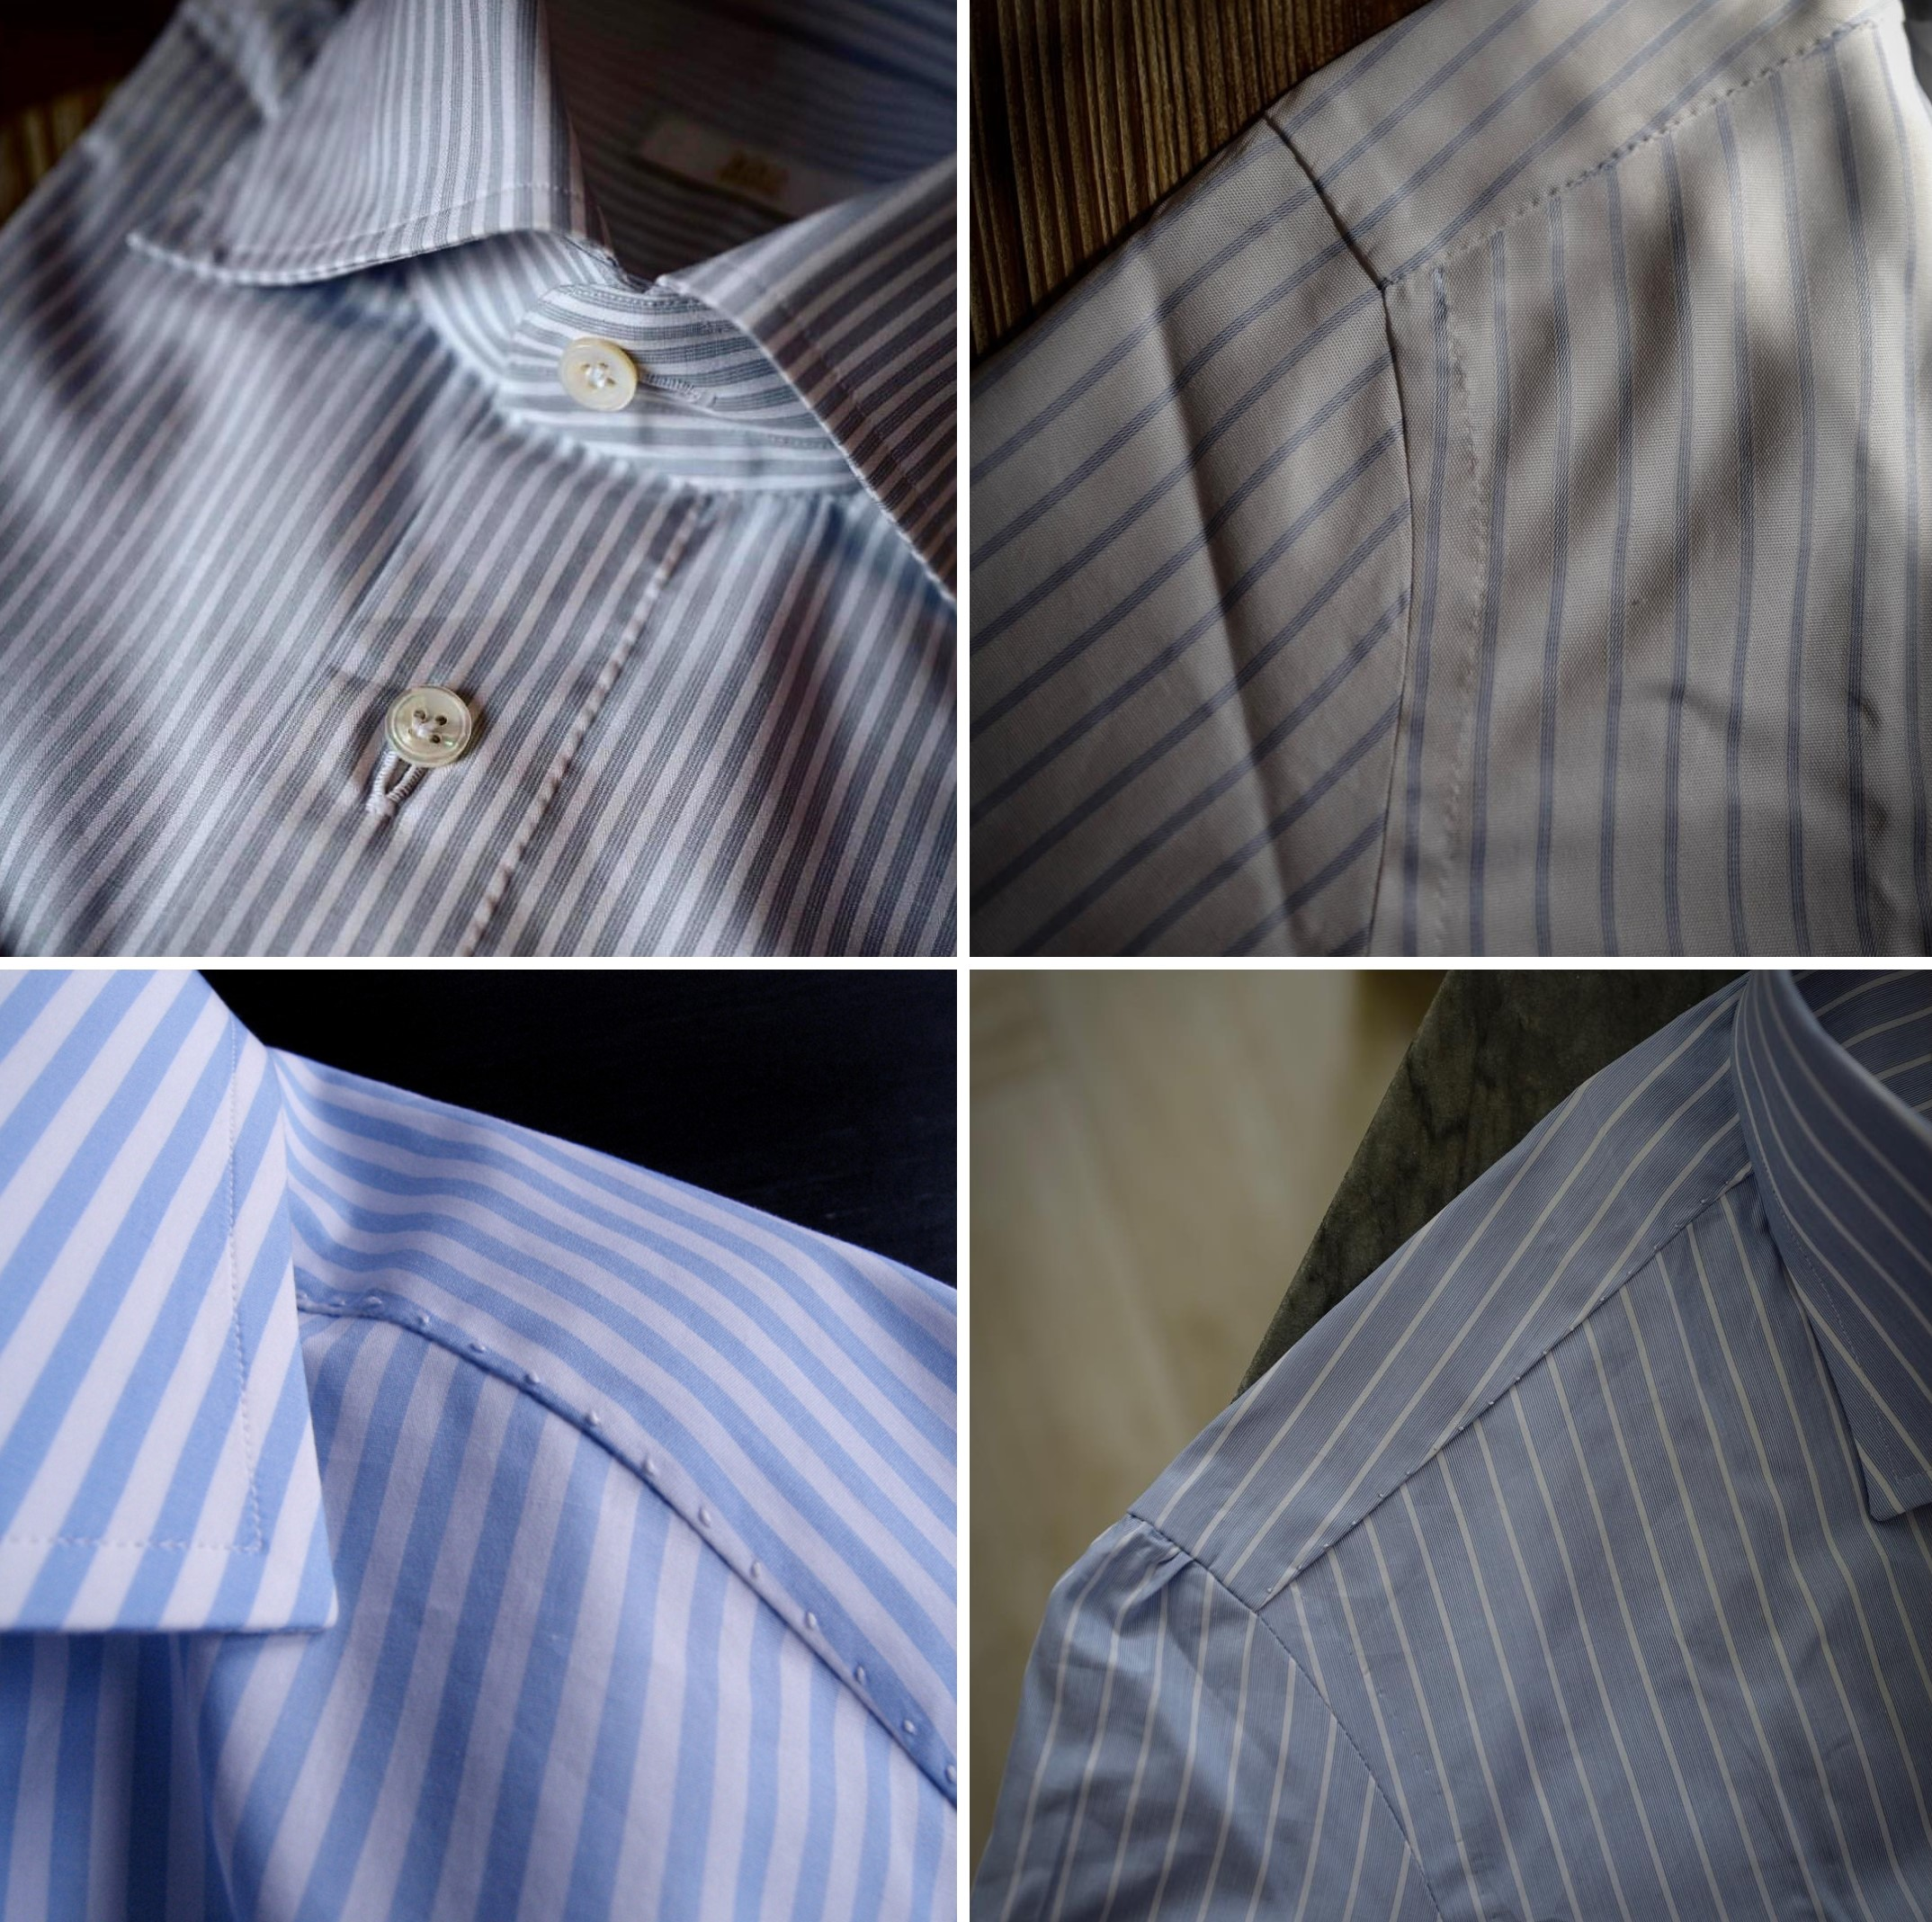 Plus le nombre de piqûres par centimètre est élevé, plus la chemise est durable et résistante.